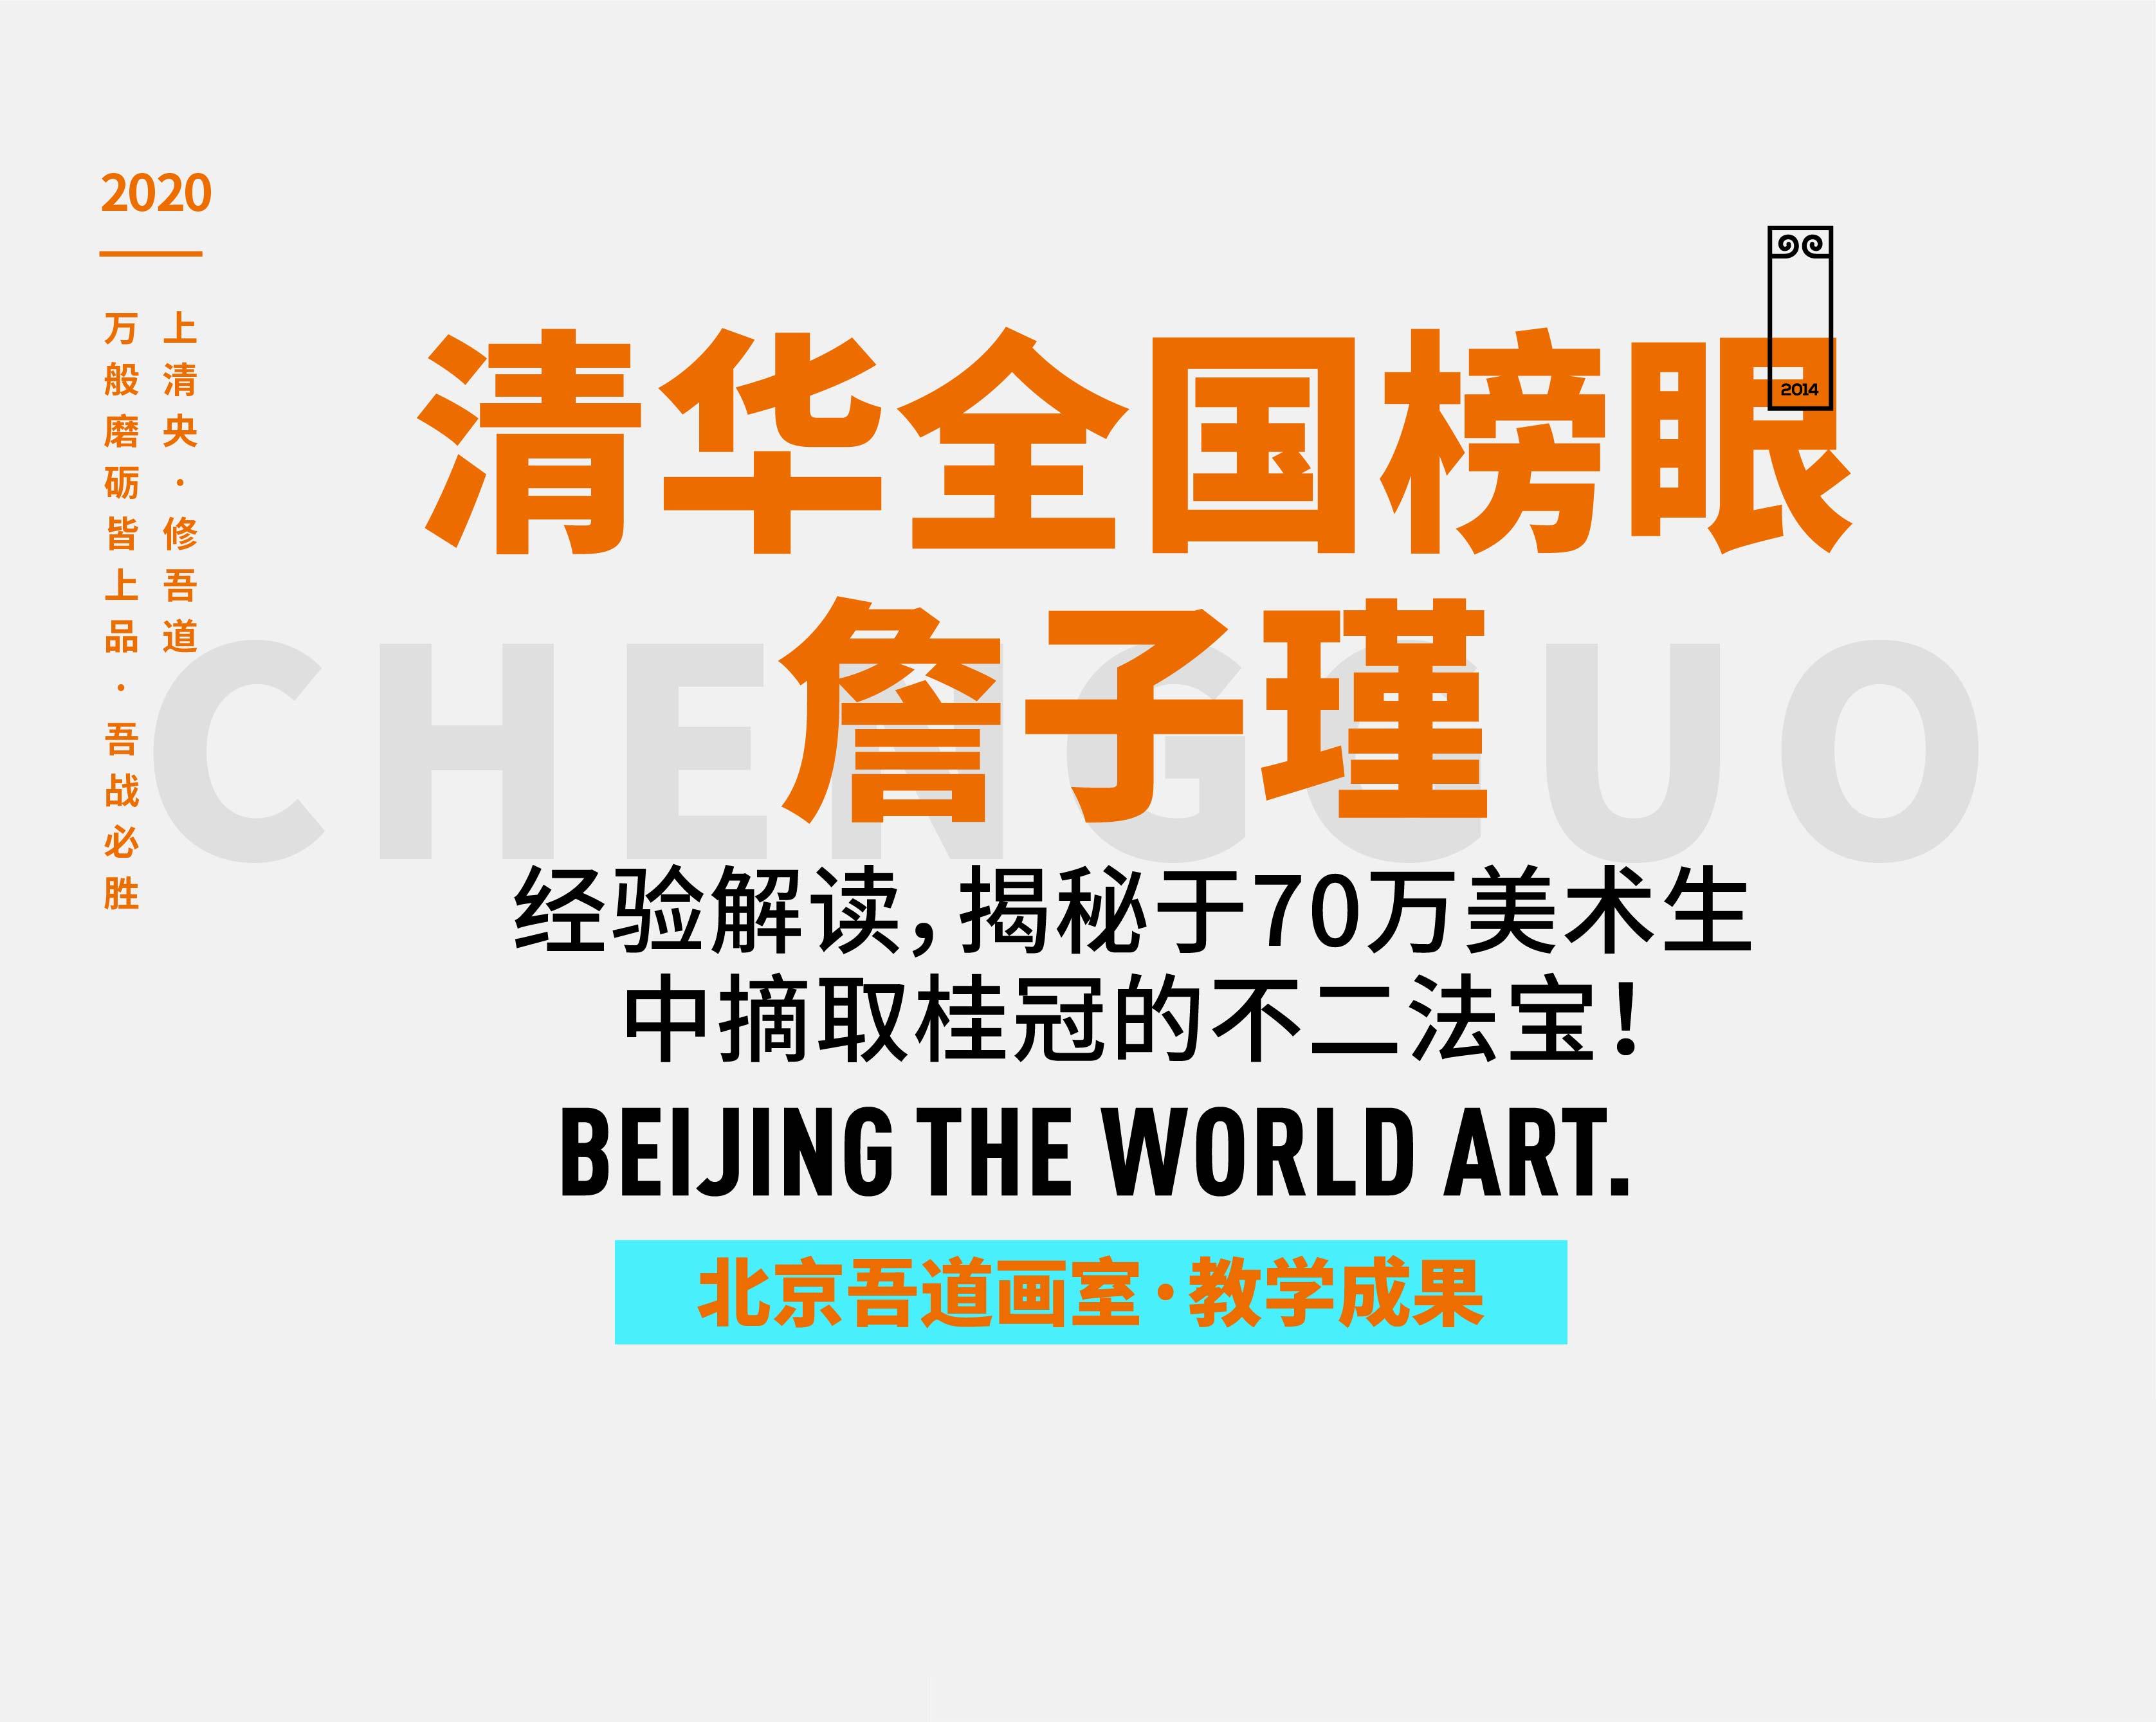 清华全国榜眼詹子瑾的经验解读,揭秘于70万美术生中摘取桂冠的不二法宝!